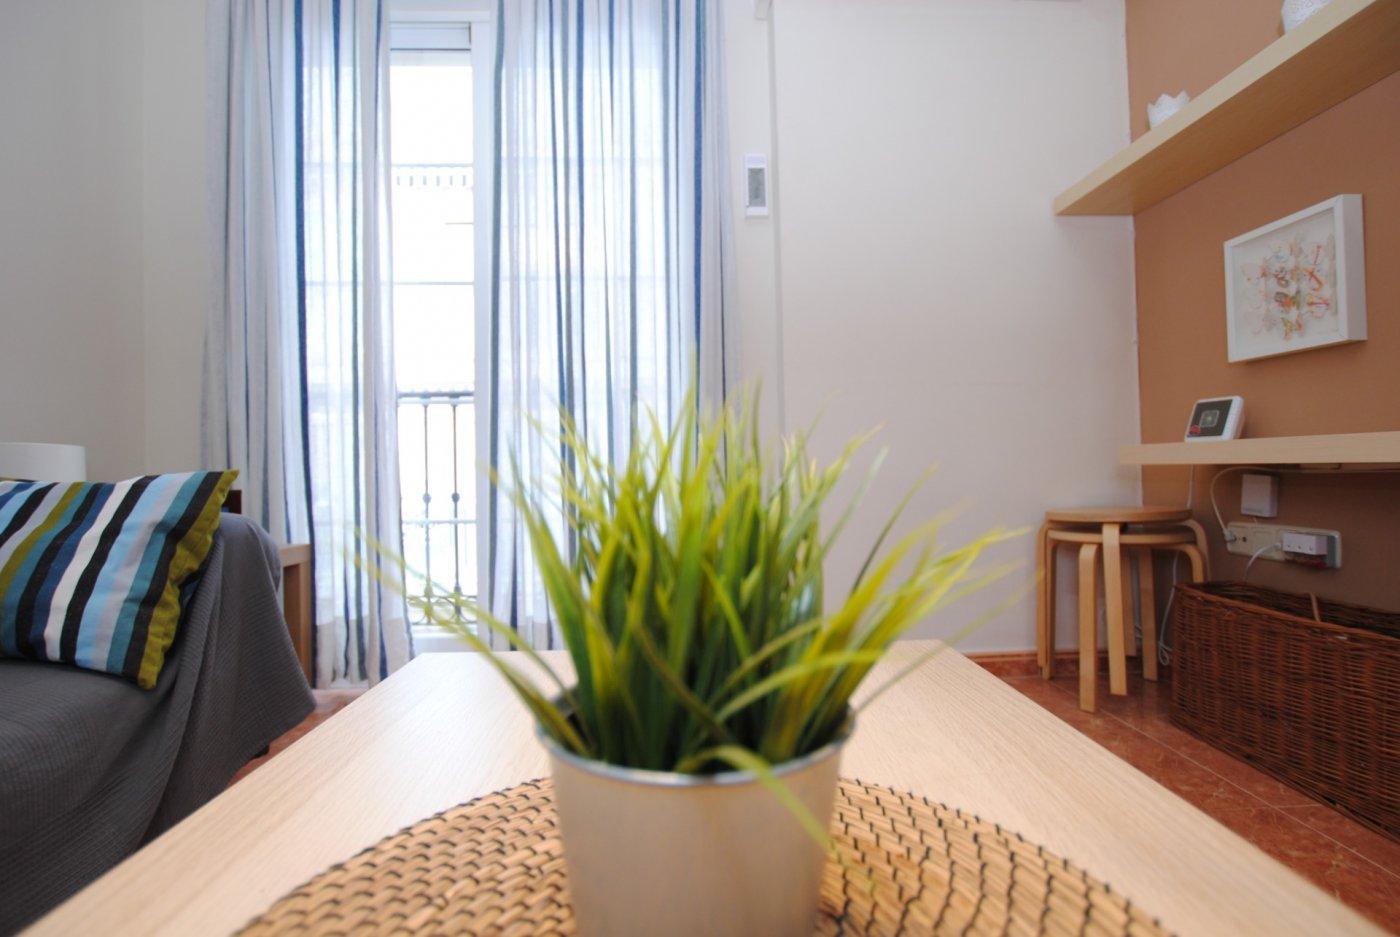 Apartamento en 2 linea de playa!!! - imagenInmueble18